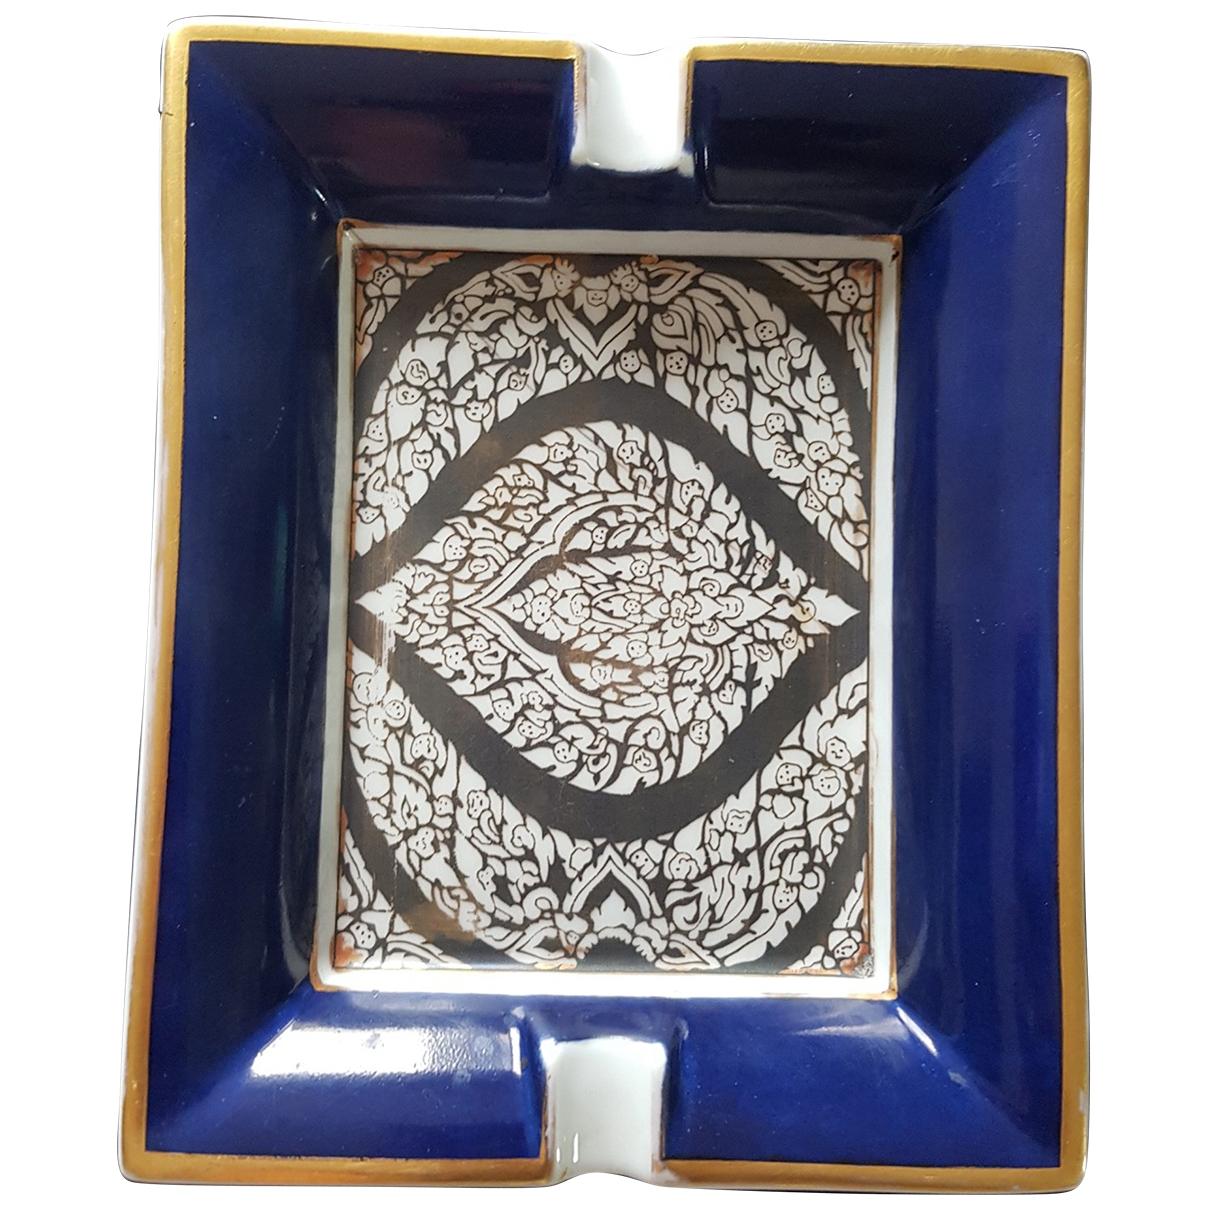 Hermes \N Accessoires und Dekoration in  Blau Porzellan